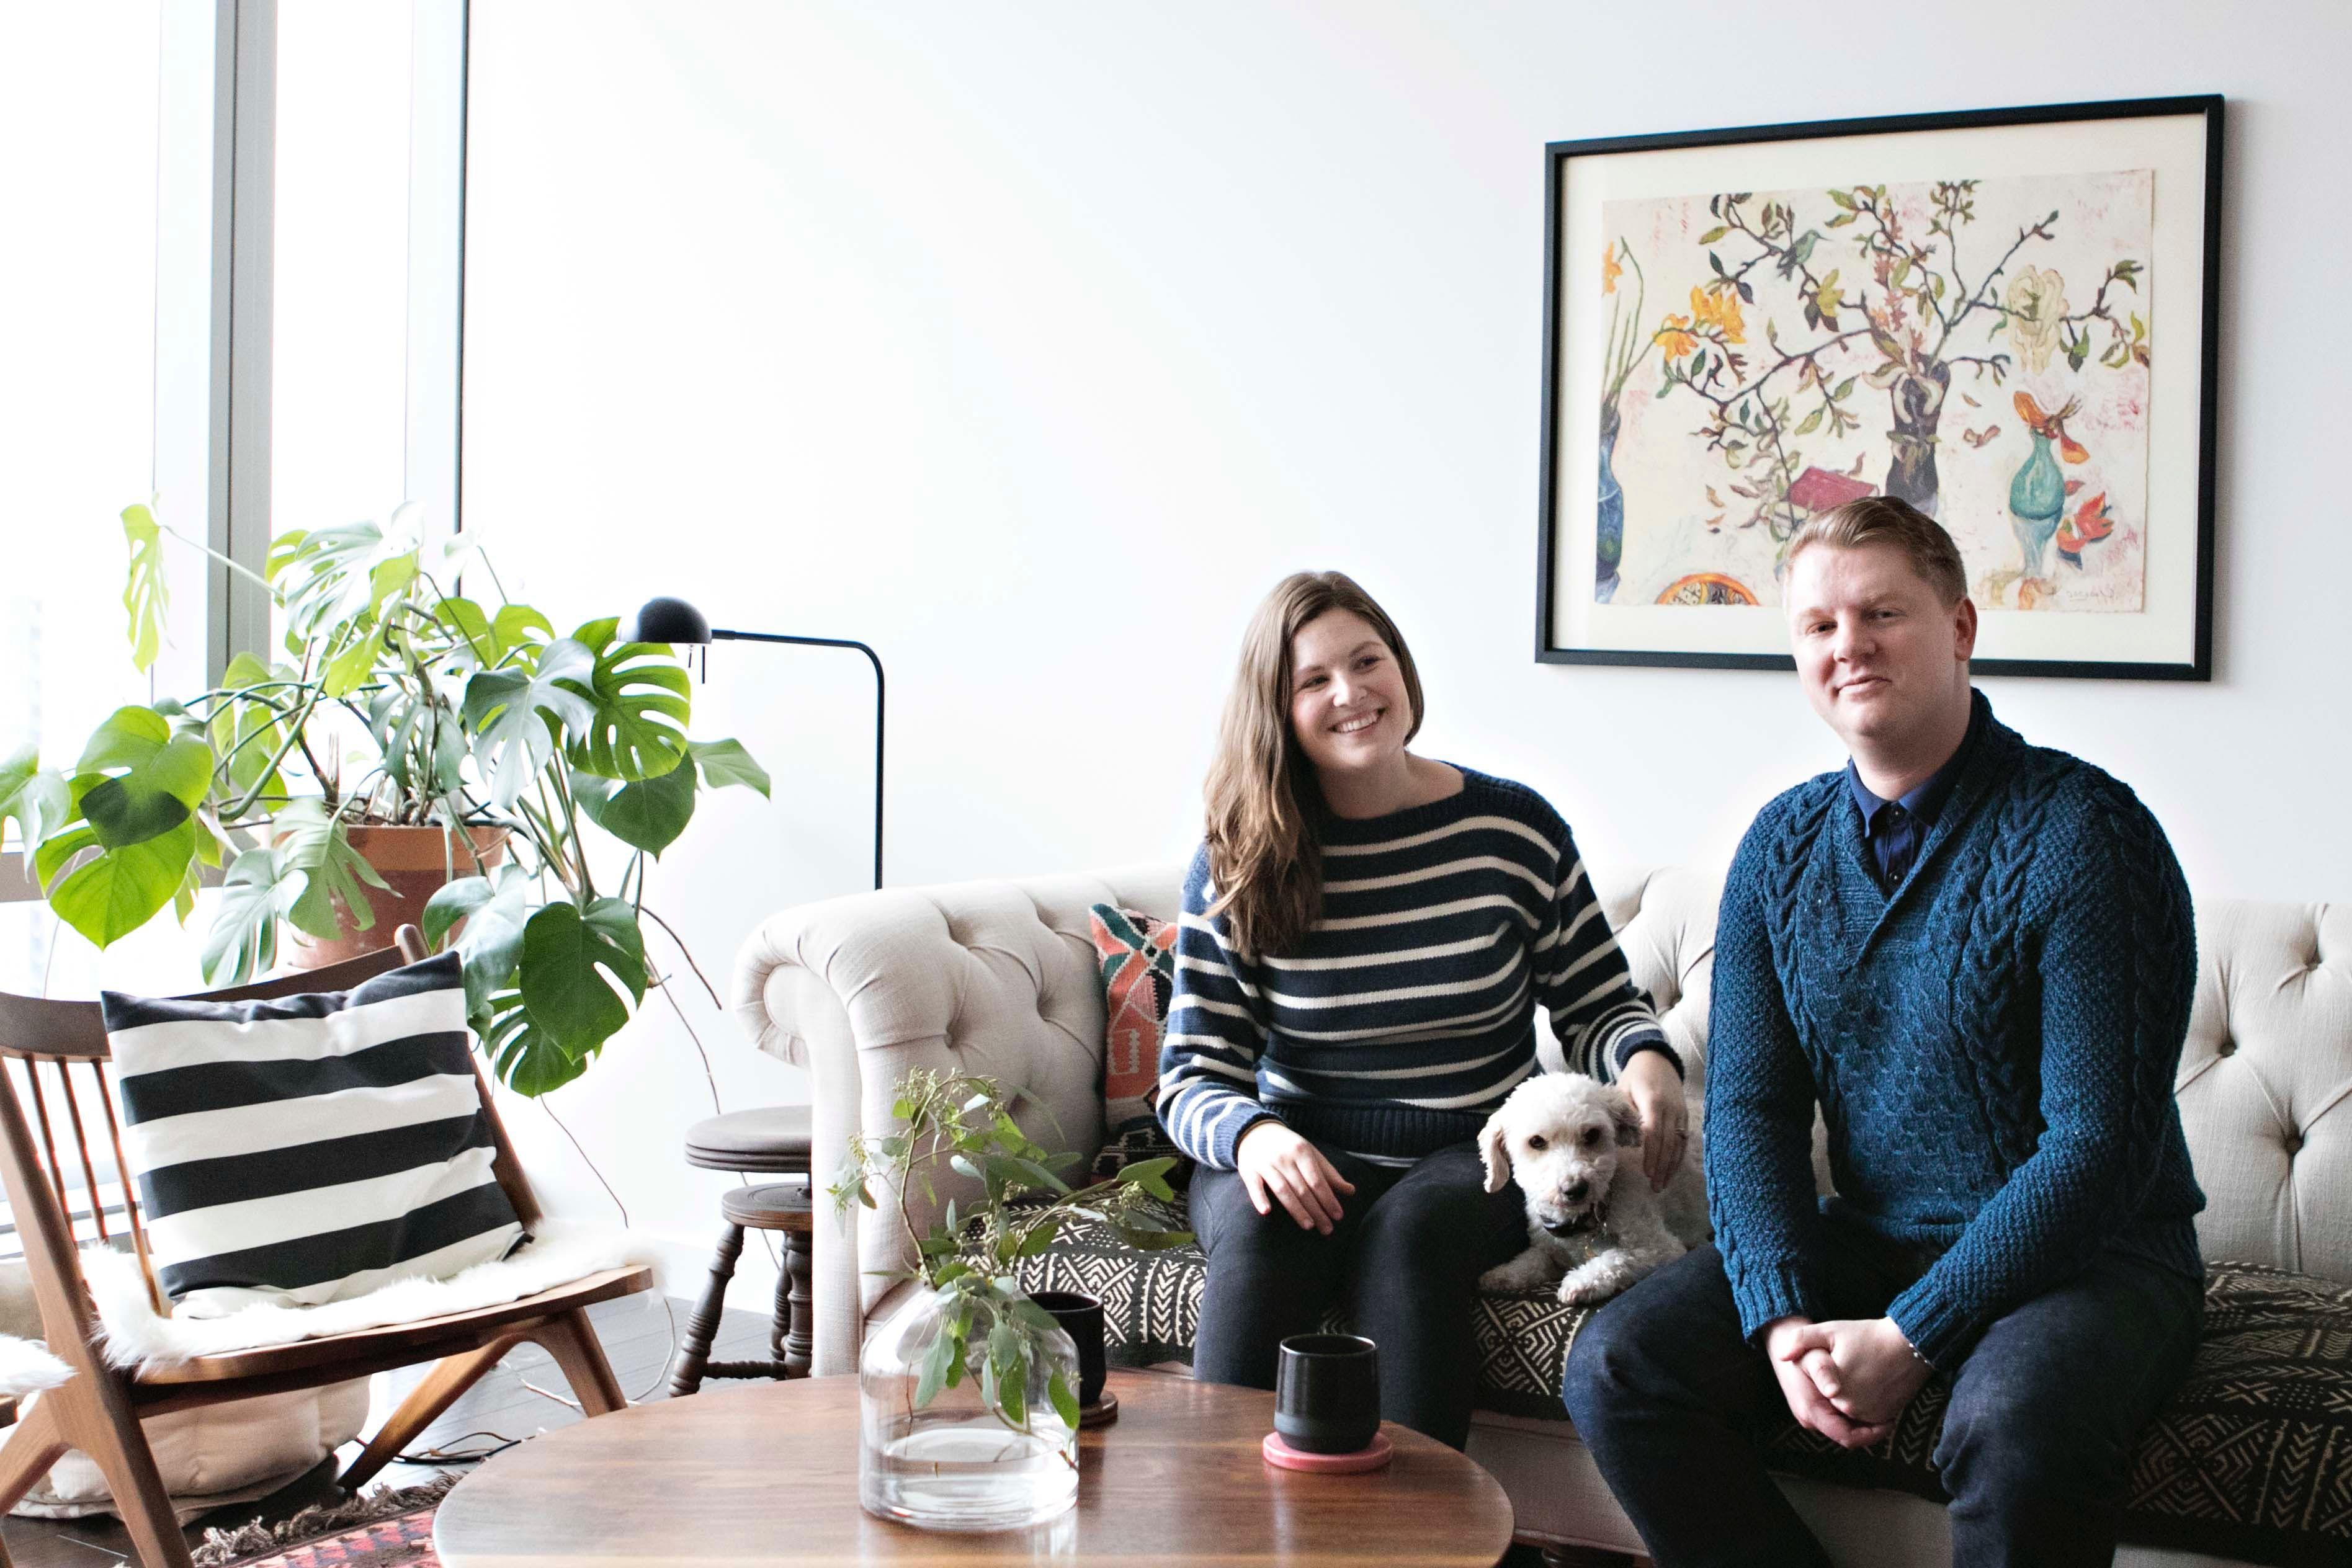 Creative Entrepreneurs Share a Cozy Condo with a View